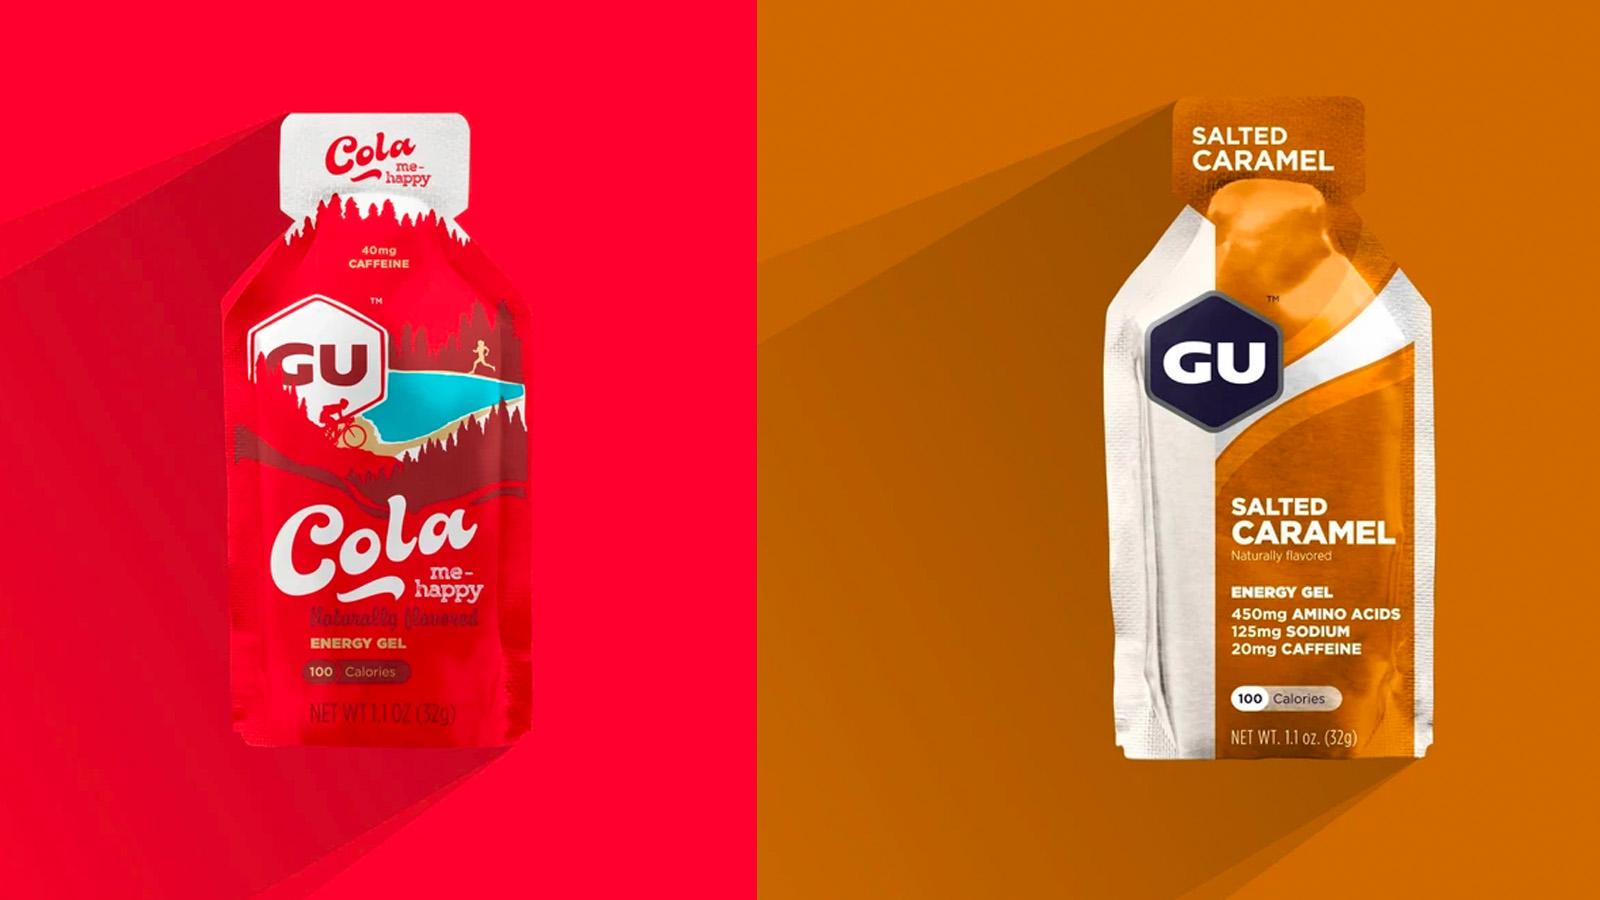 Best cycling nutrition: GU energy gels